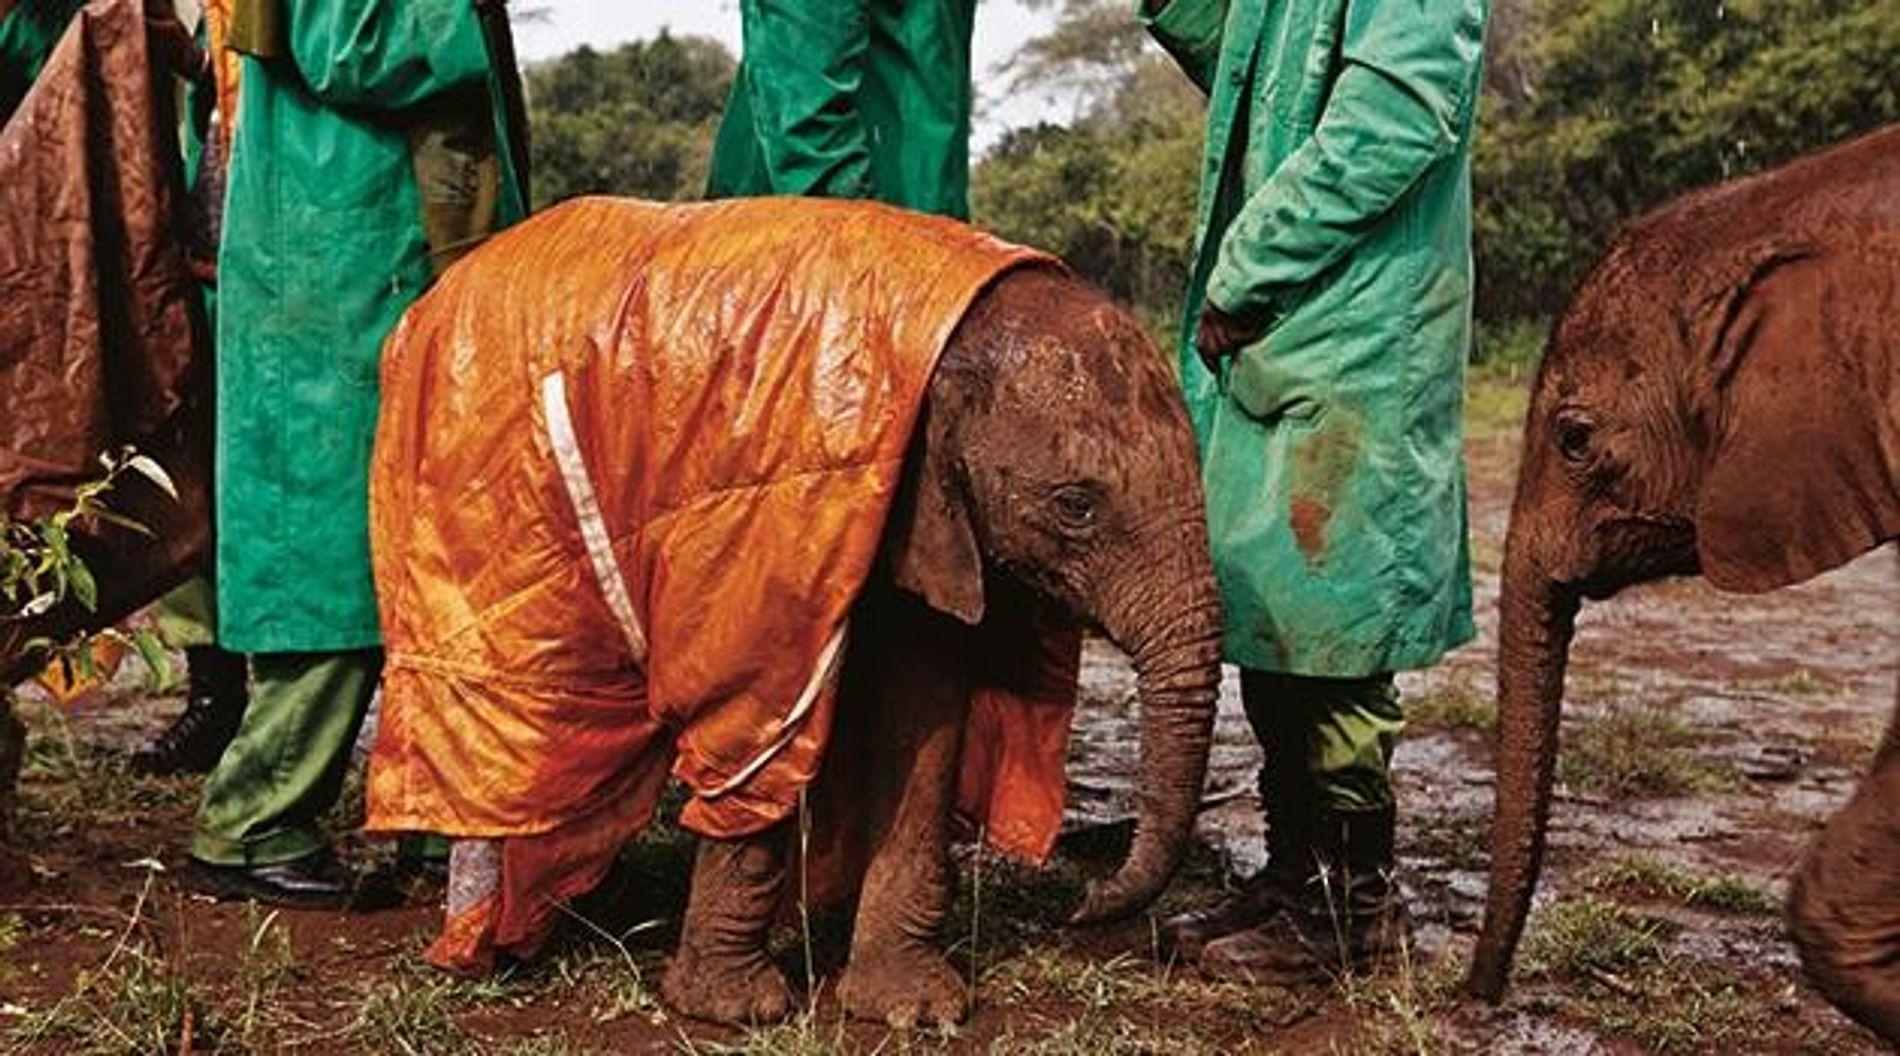 2011 fotografierte Michael Nichols dieses Elefantenjunge in einem Waisenhaus in Nairobi.